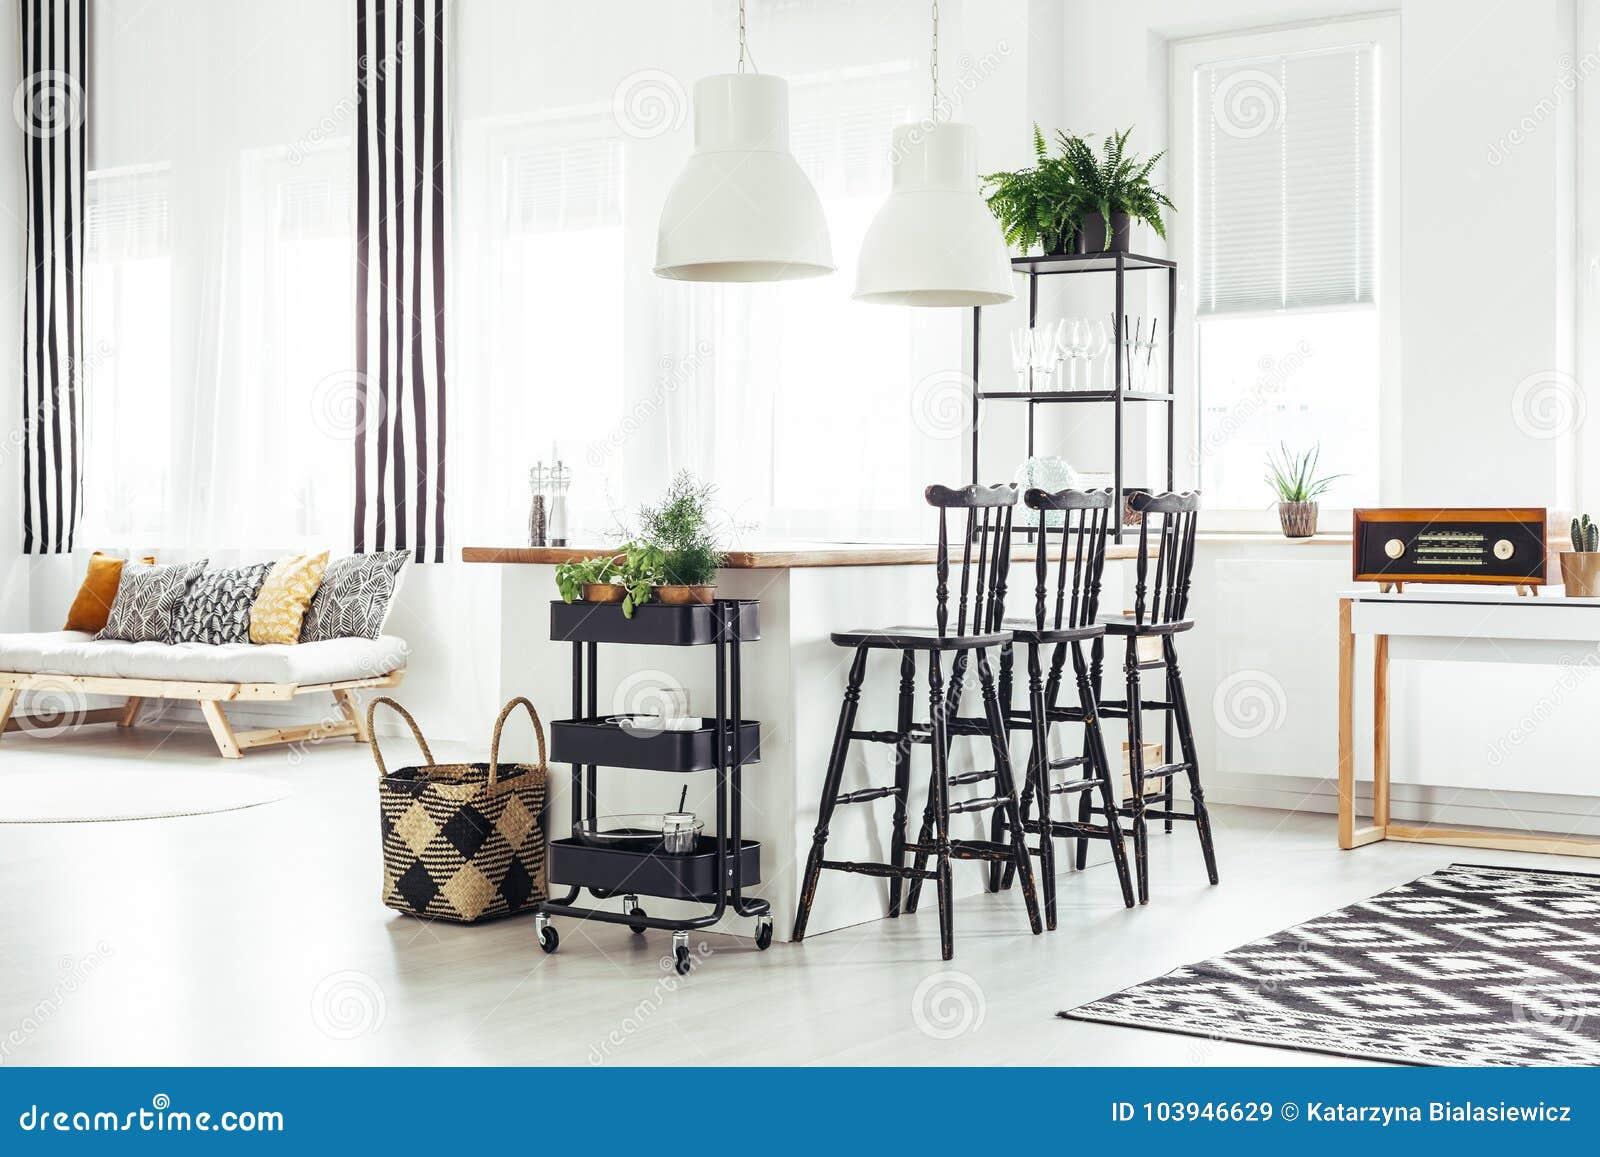 Comedor rústico moderno imagen de archivo. Imagen de muebles - 103946629